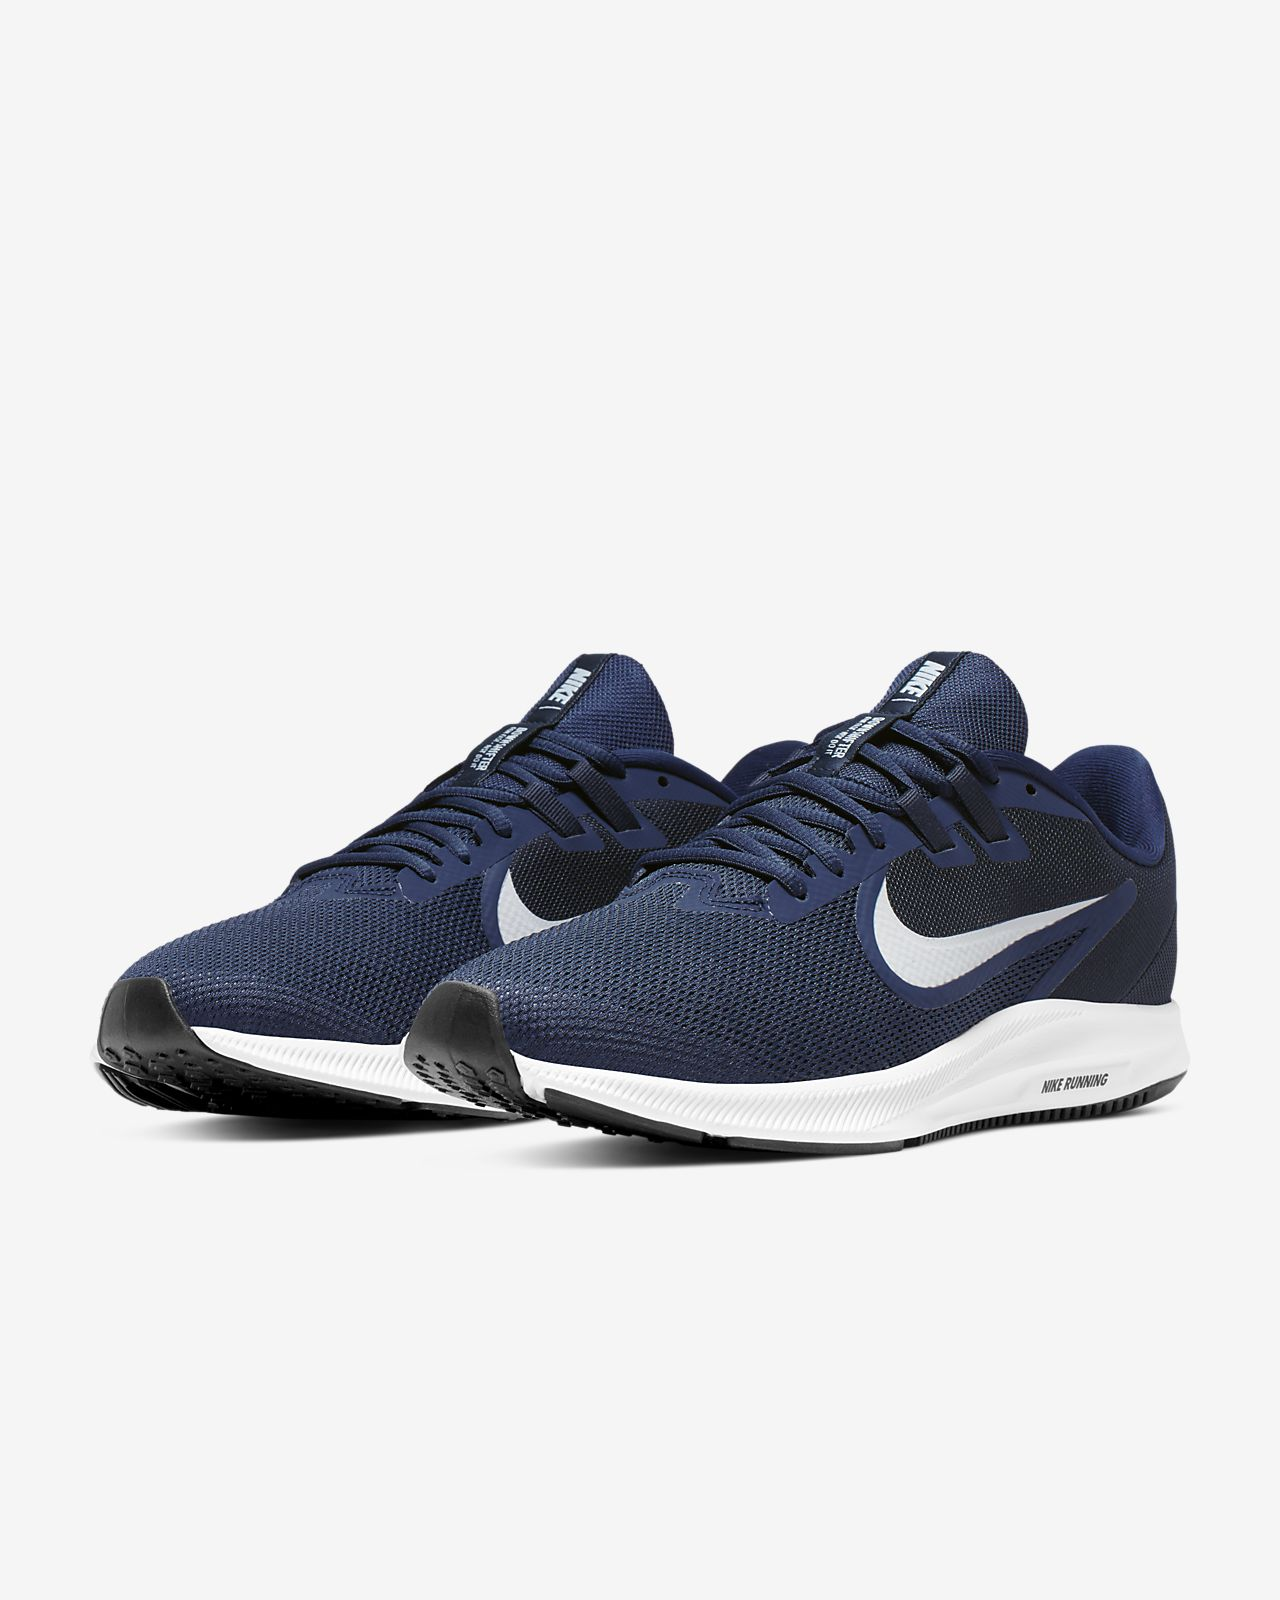 Nike Downshifter 9 Men's Running Shoe